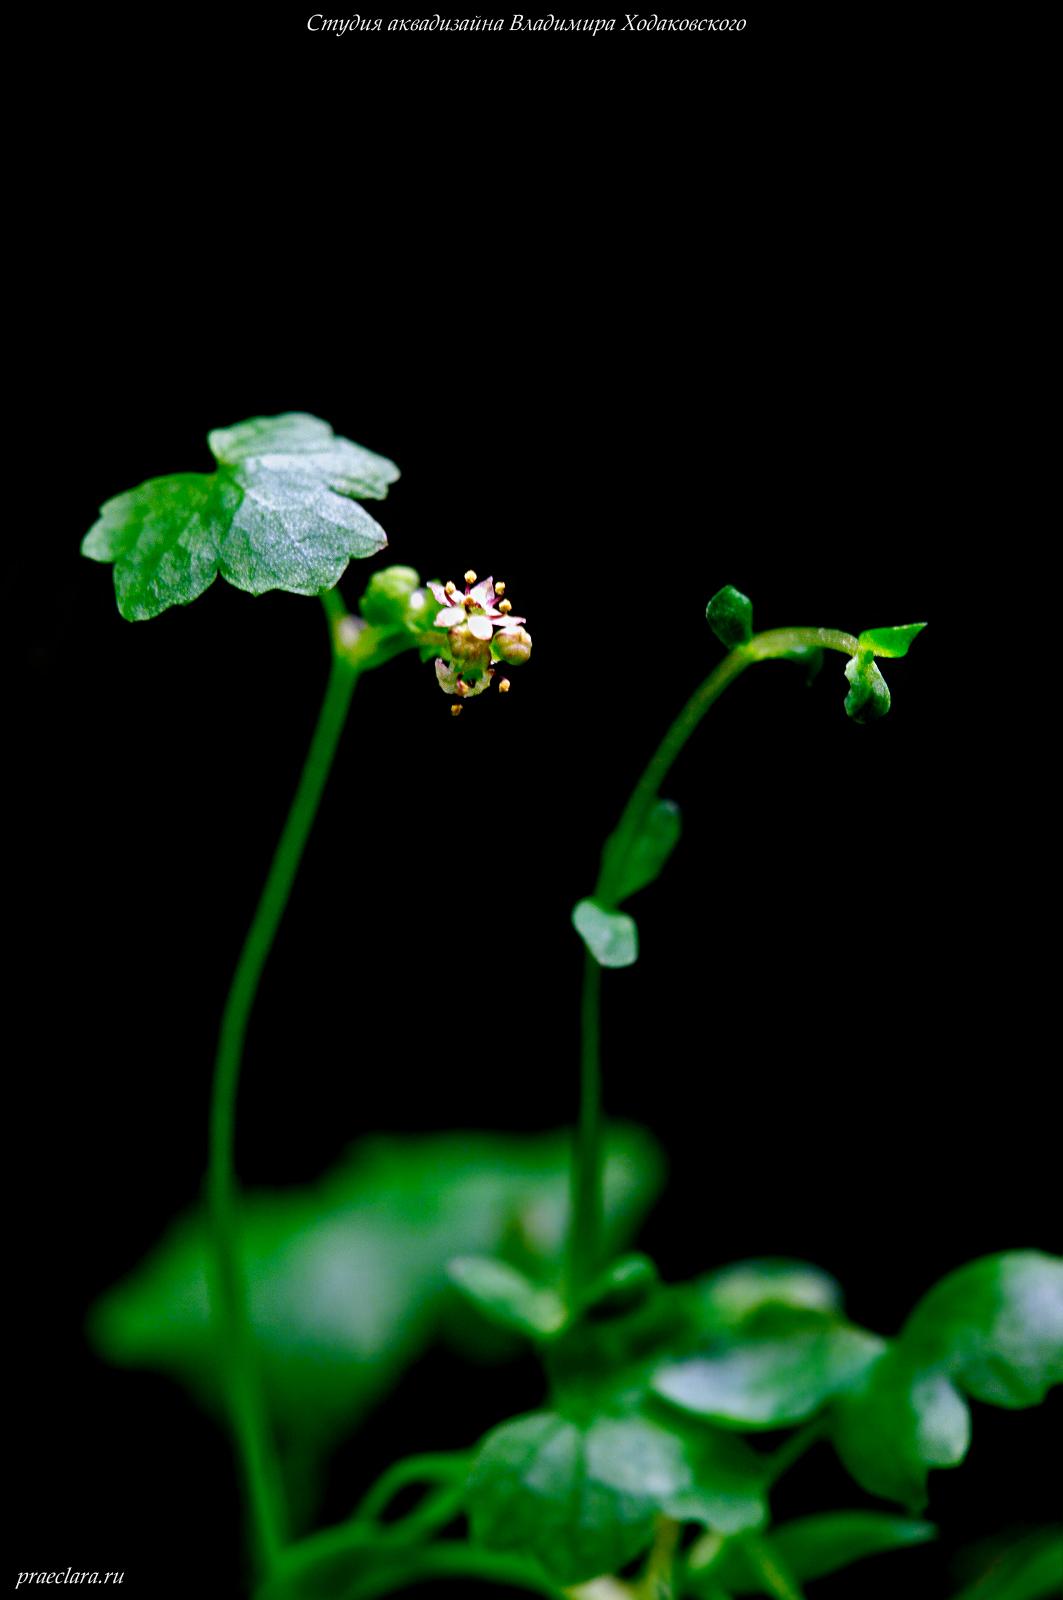 Гидрокотила трипартита (Hydrocotyle tripartita), цветок